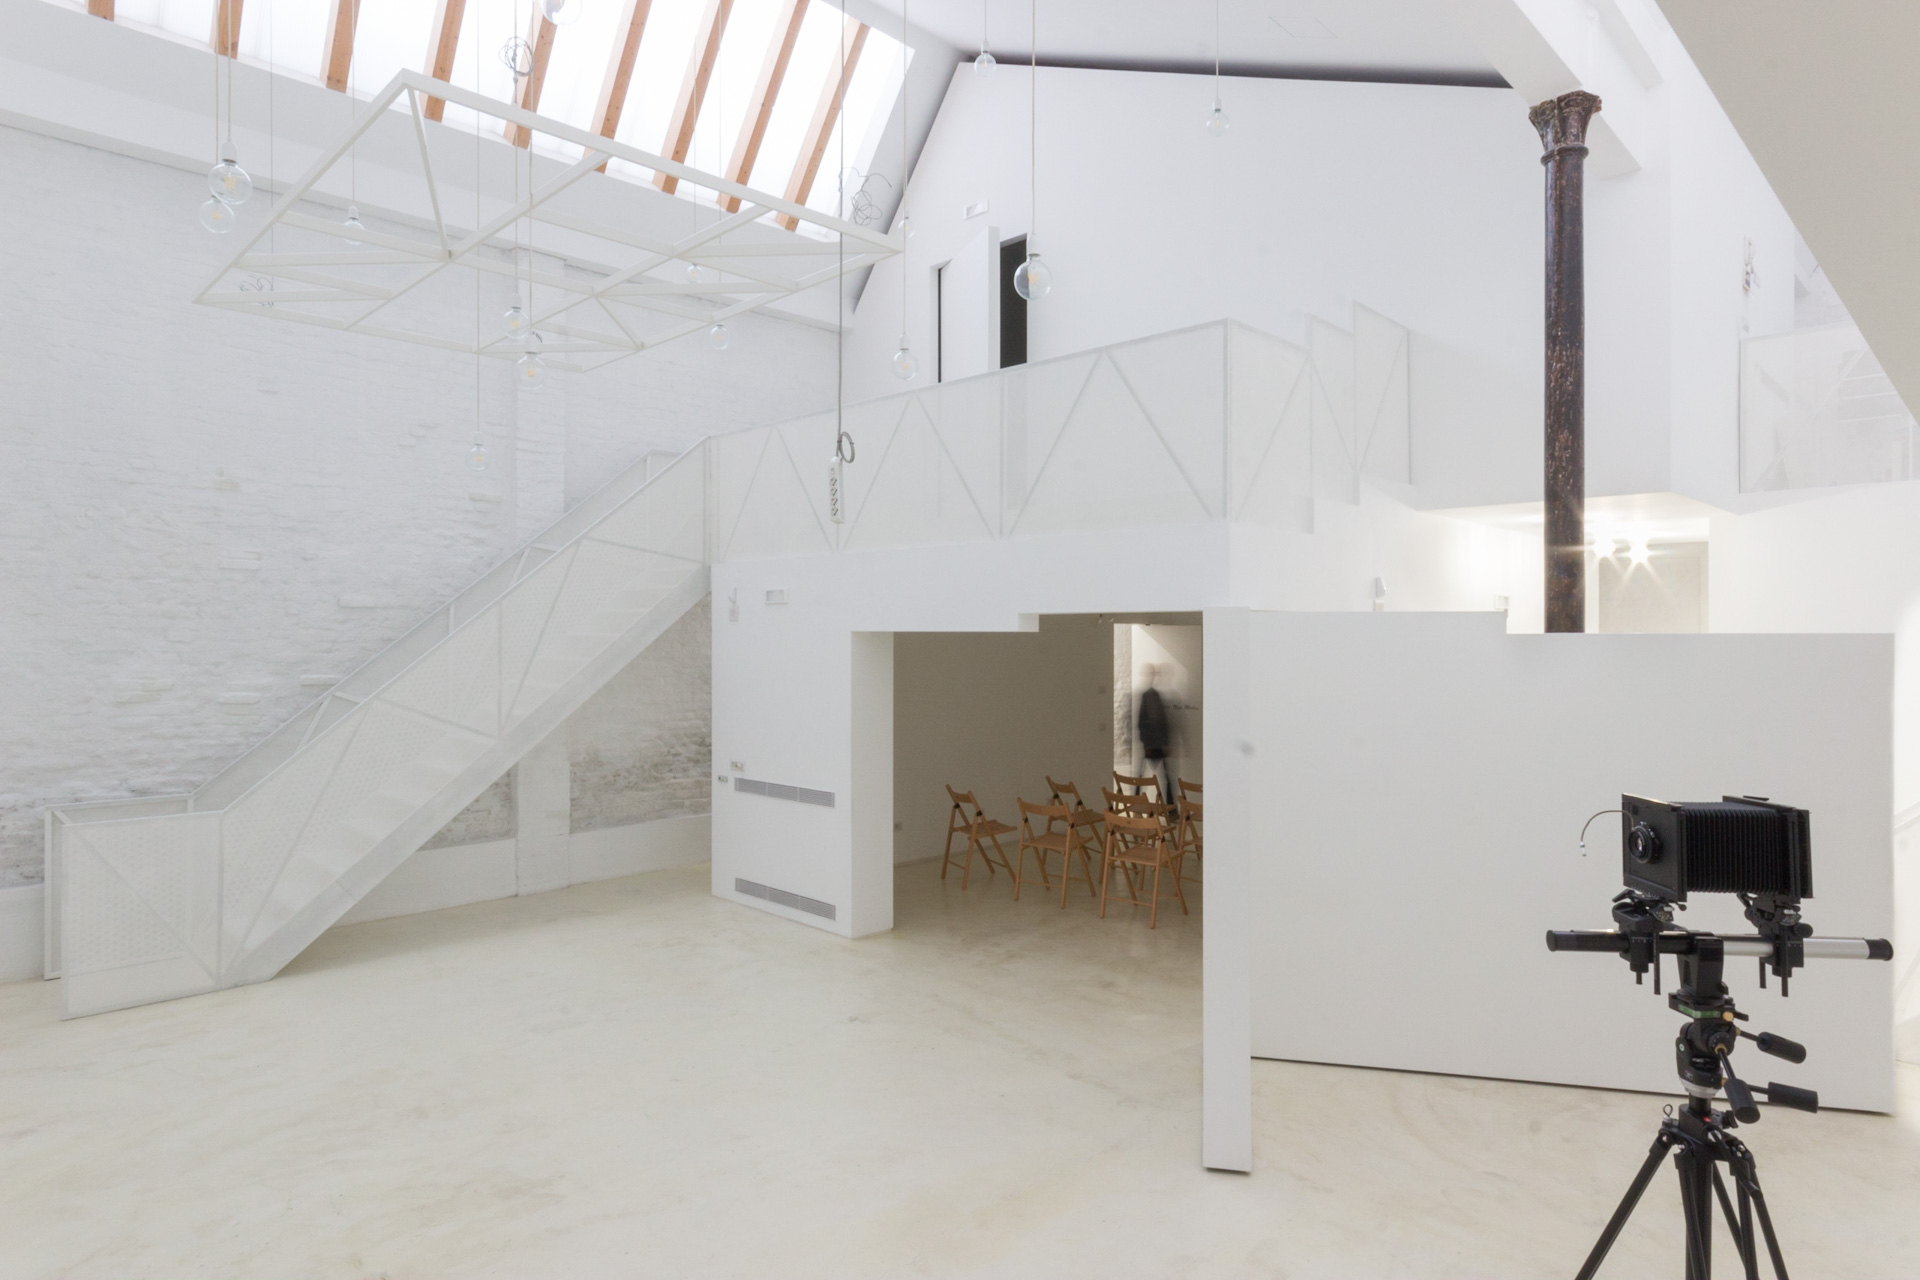 Camere Oscure Milano : Location per eventi a milano noleggio camera oscura e set fotografico